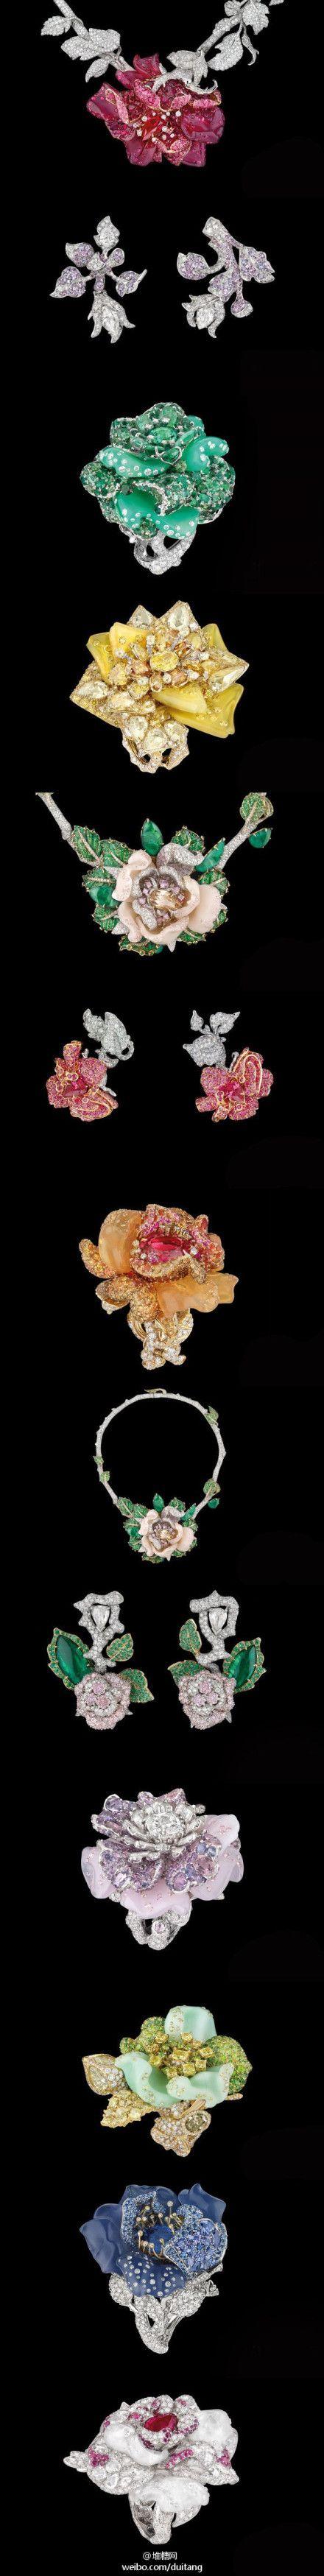 Vintage Dior flowers